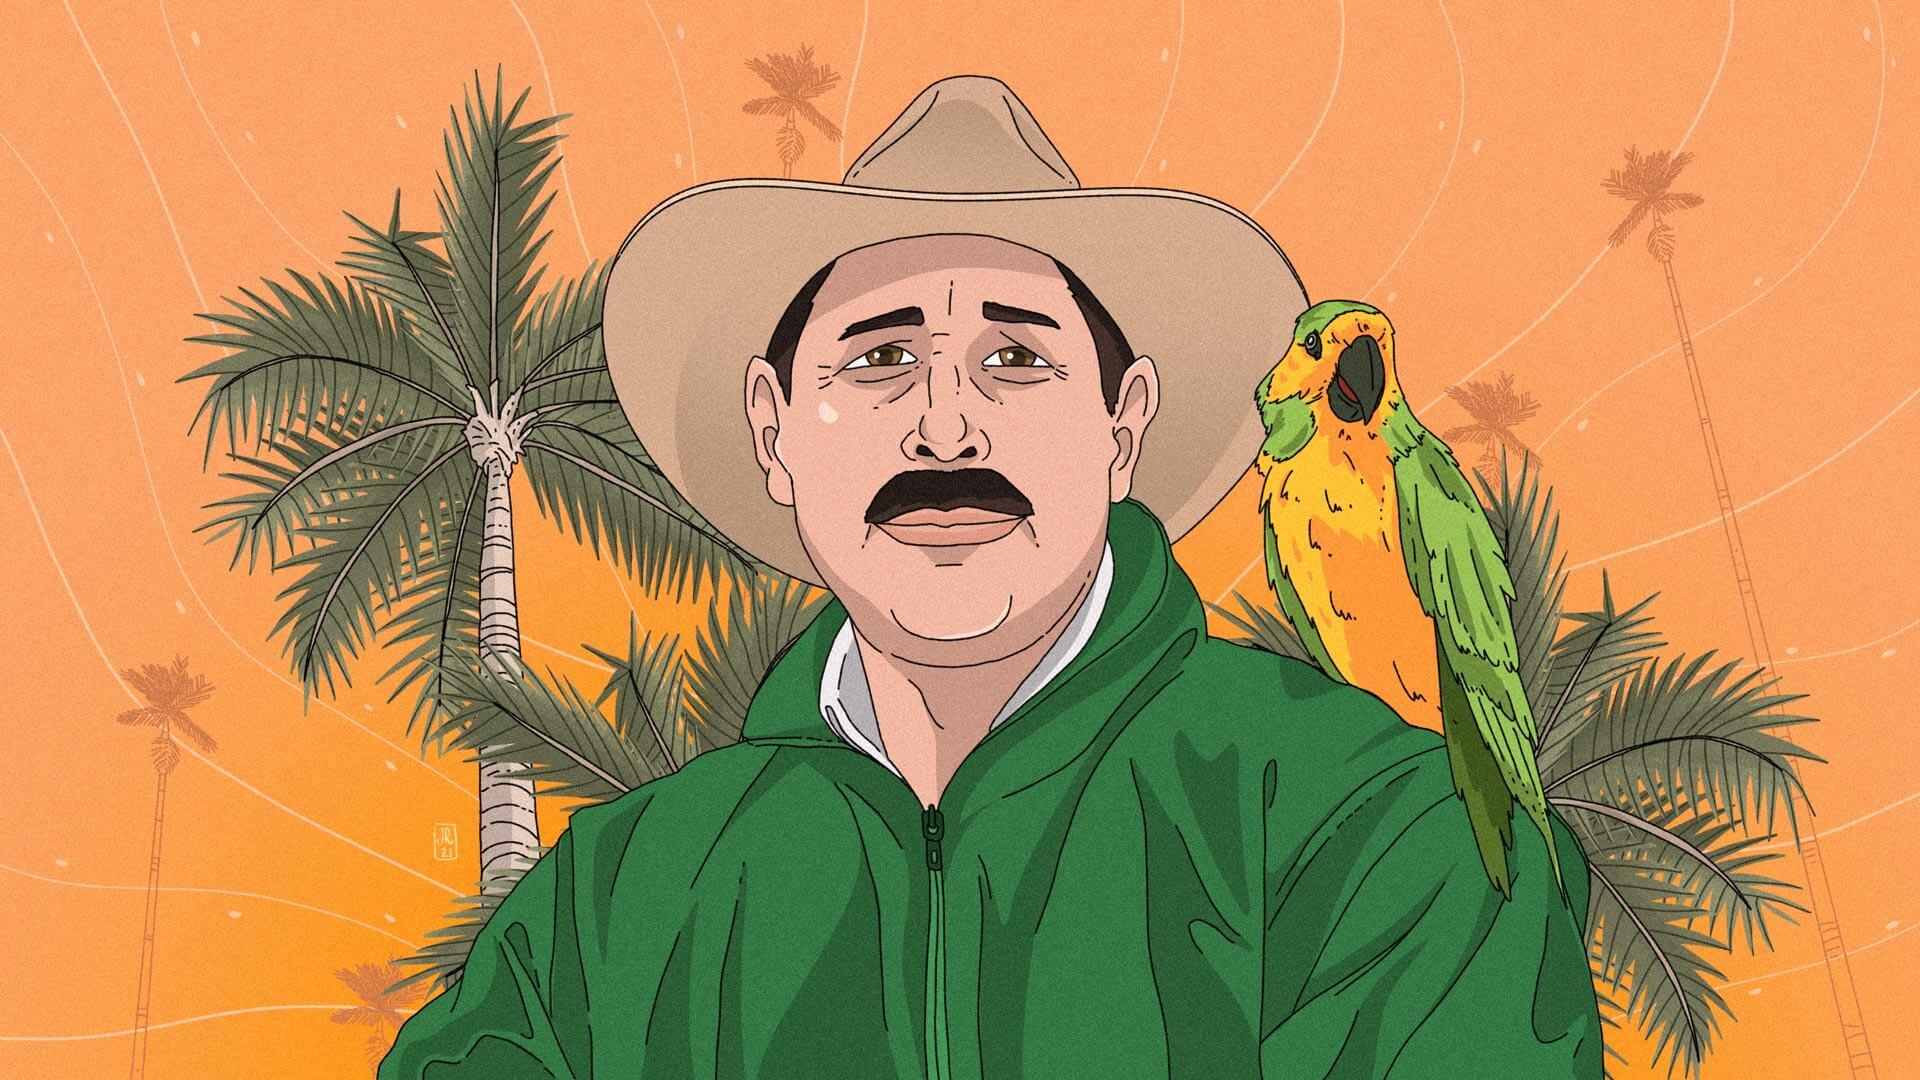 Una vida por la vida: lo que mataron con el asesinato de Gonzalo Cardona Molina